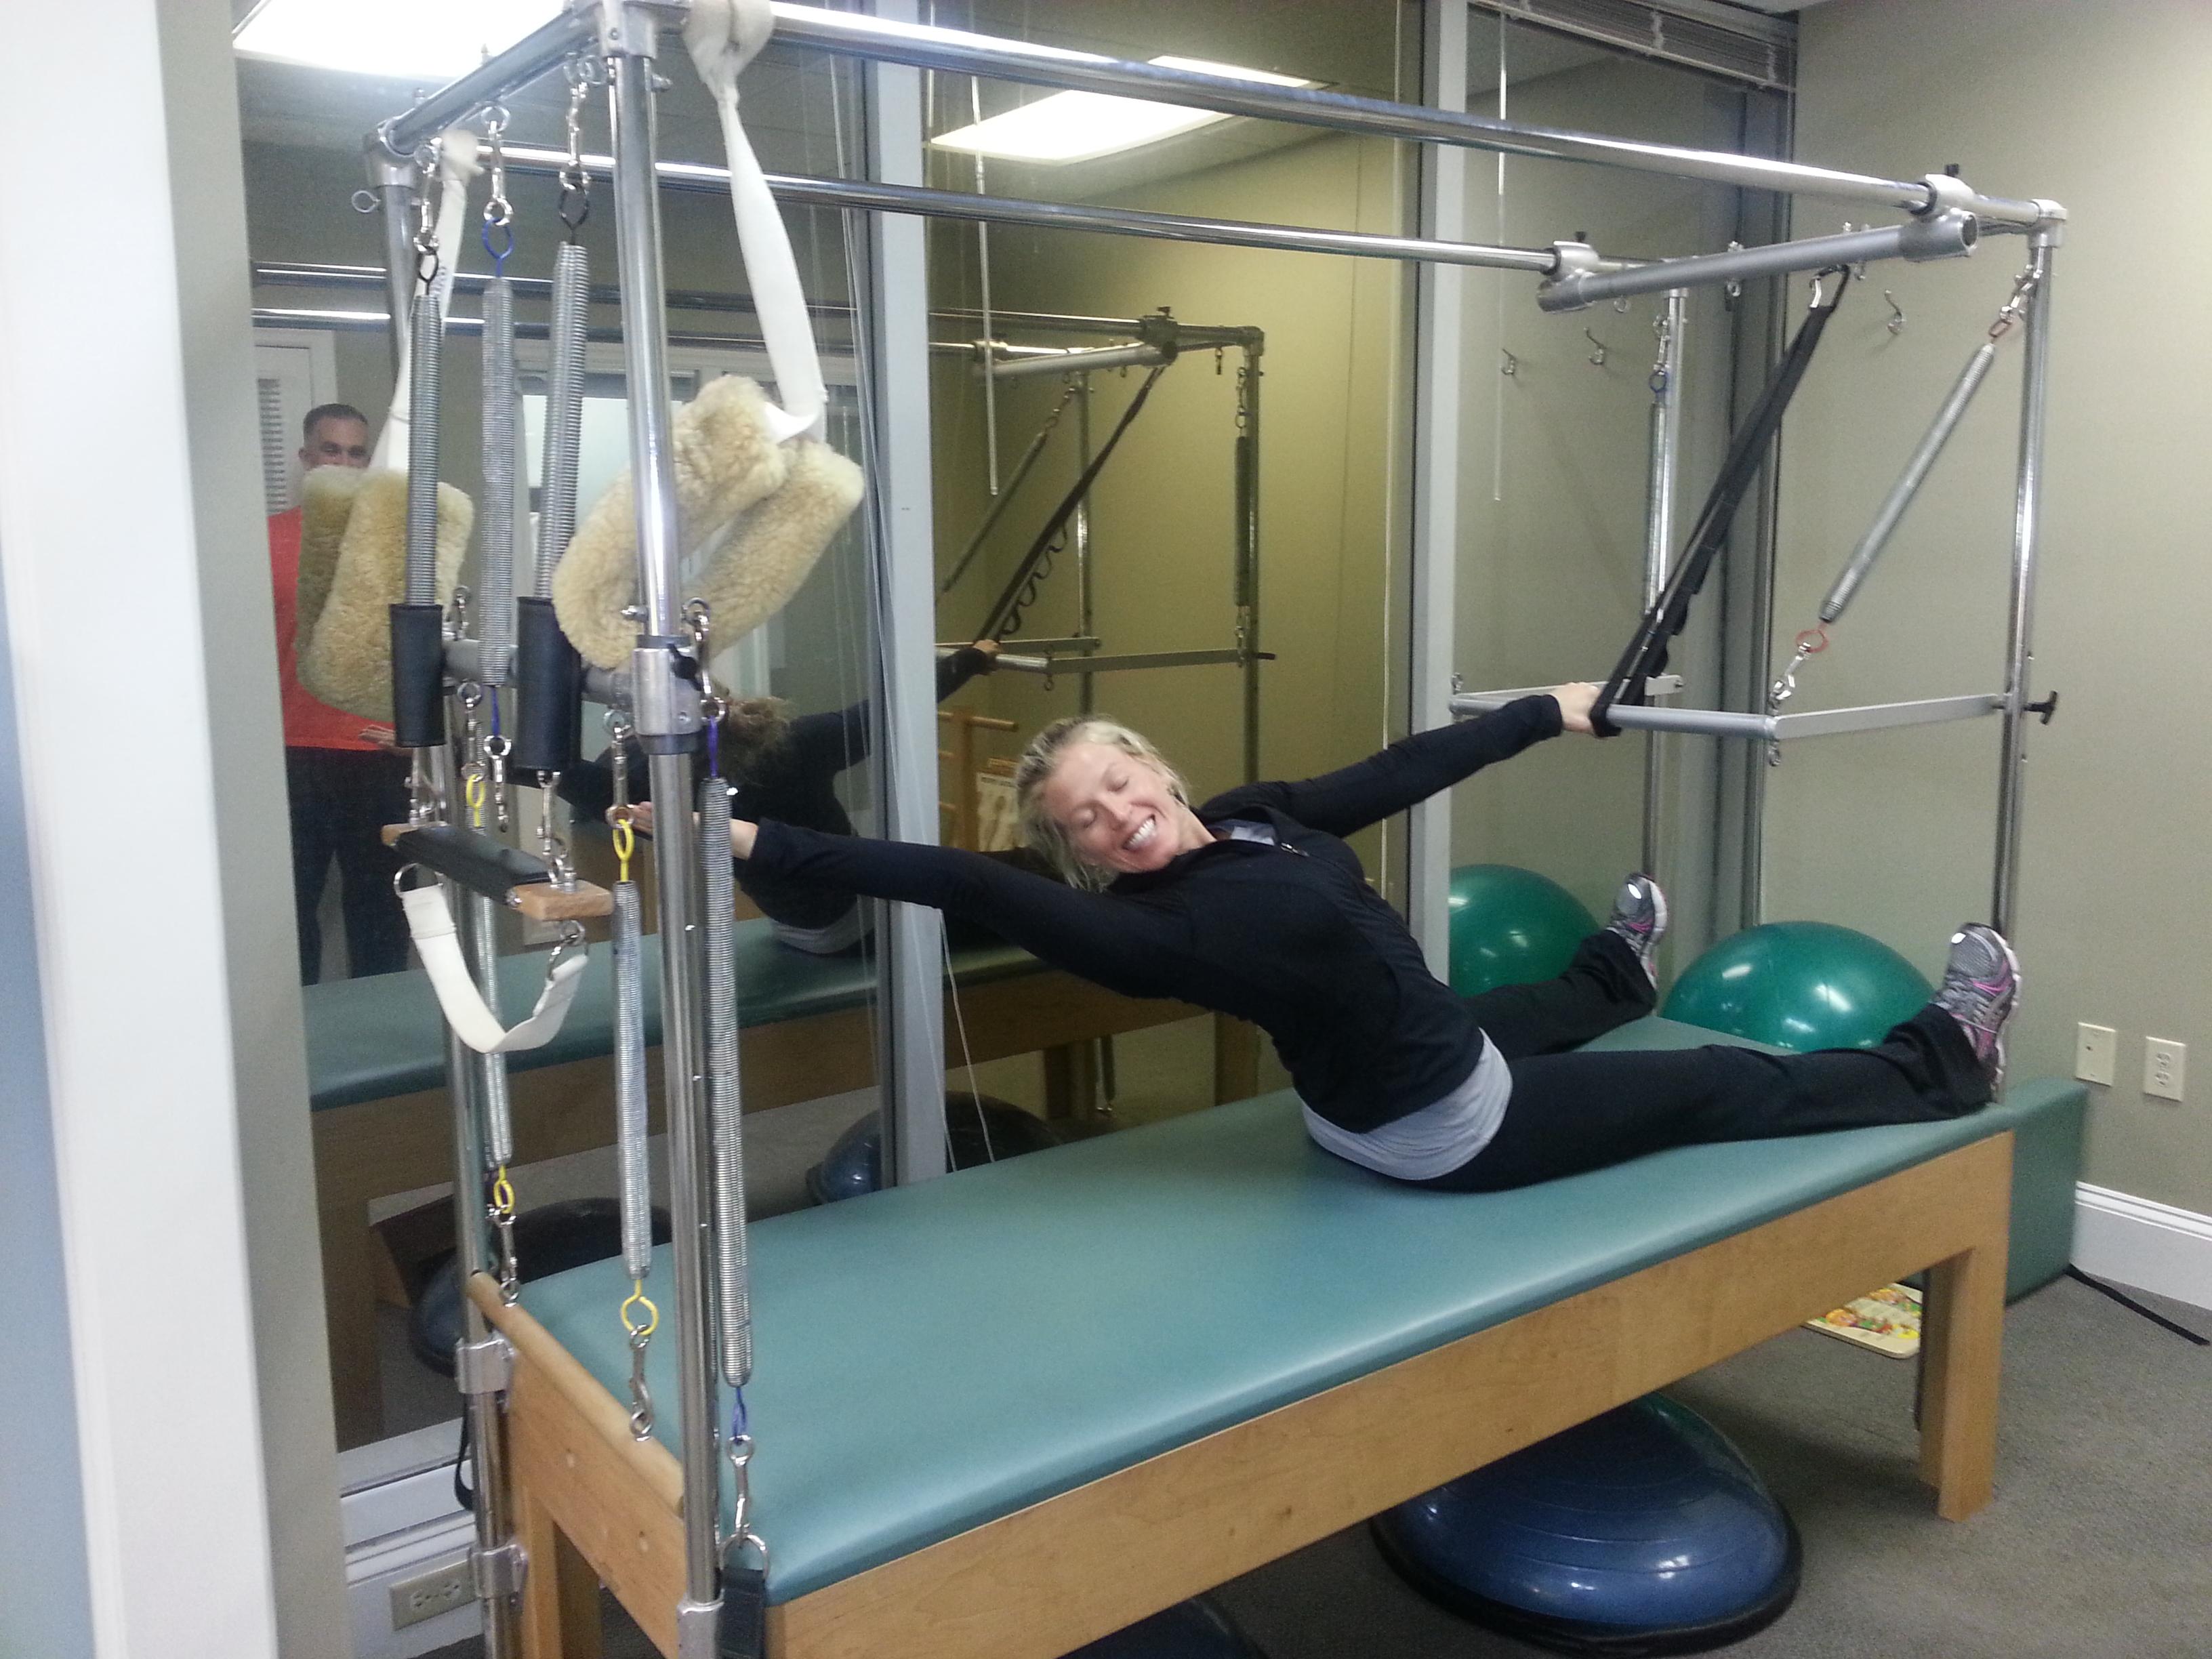 Pilates Cadillac – Odyssey Health Club